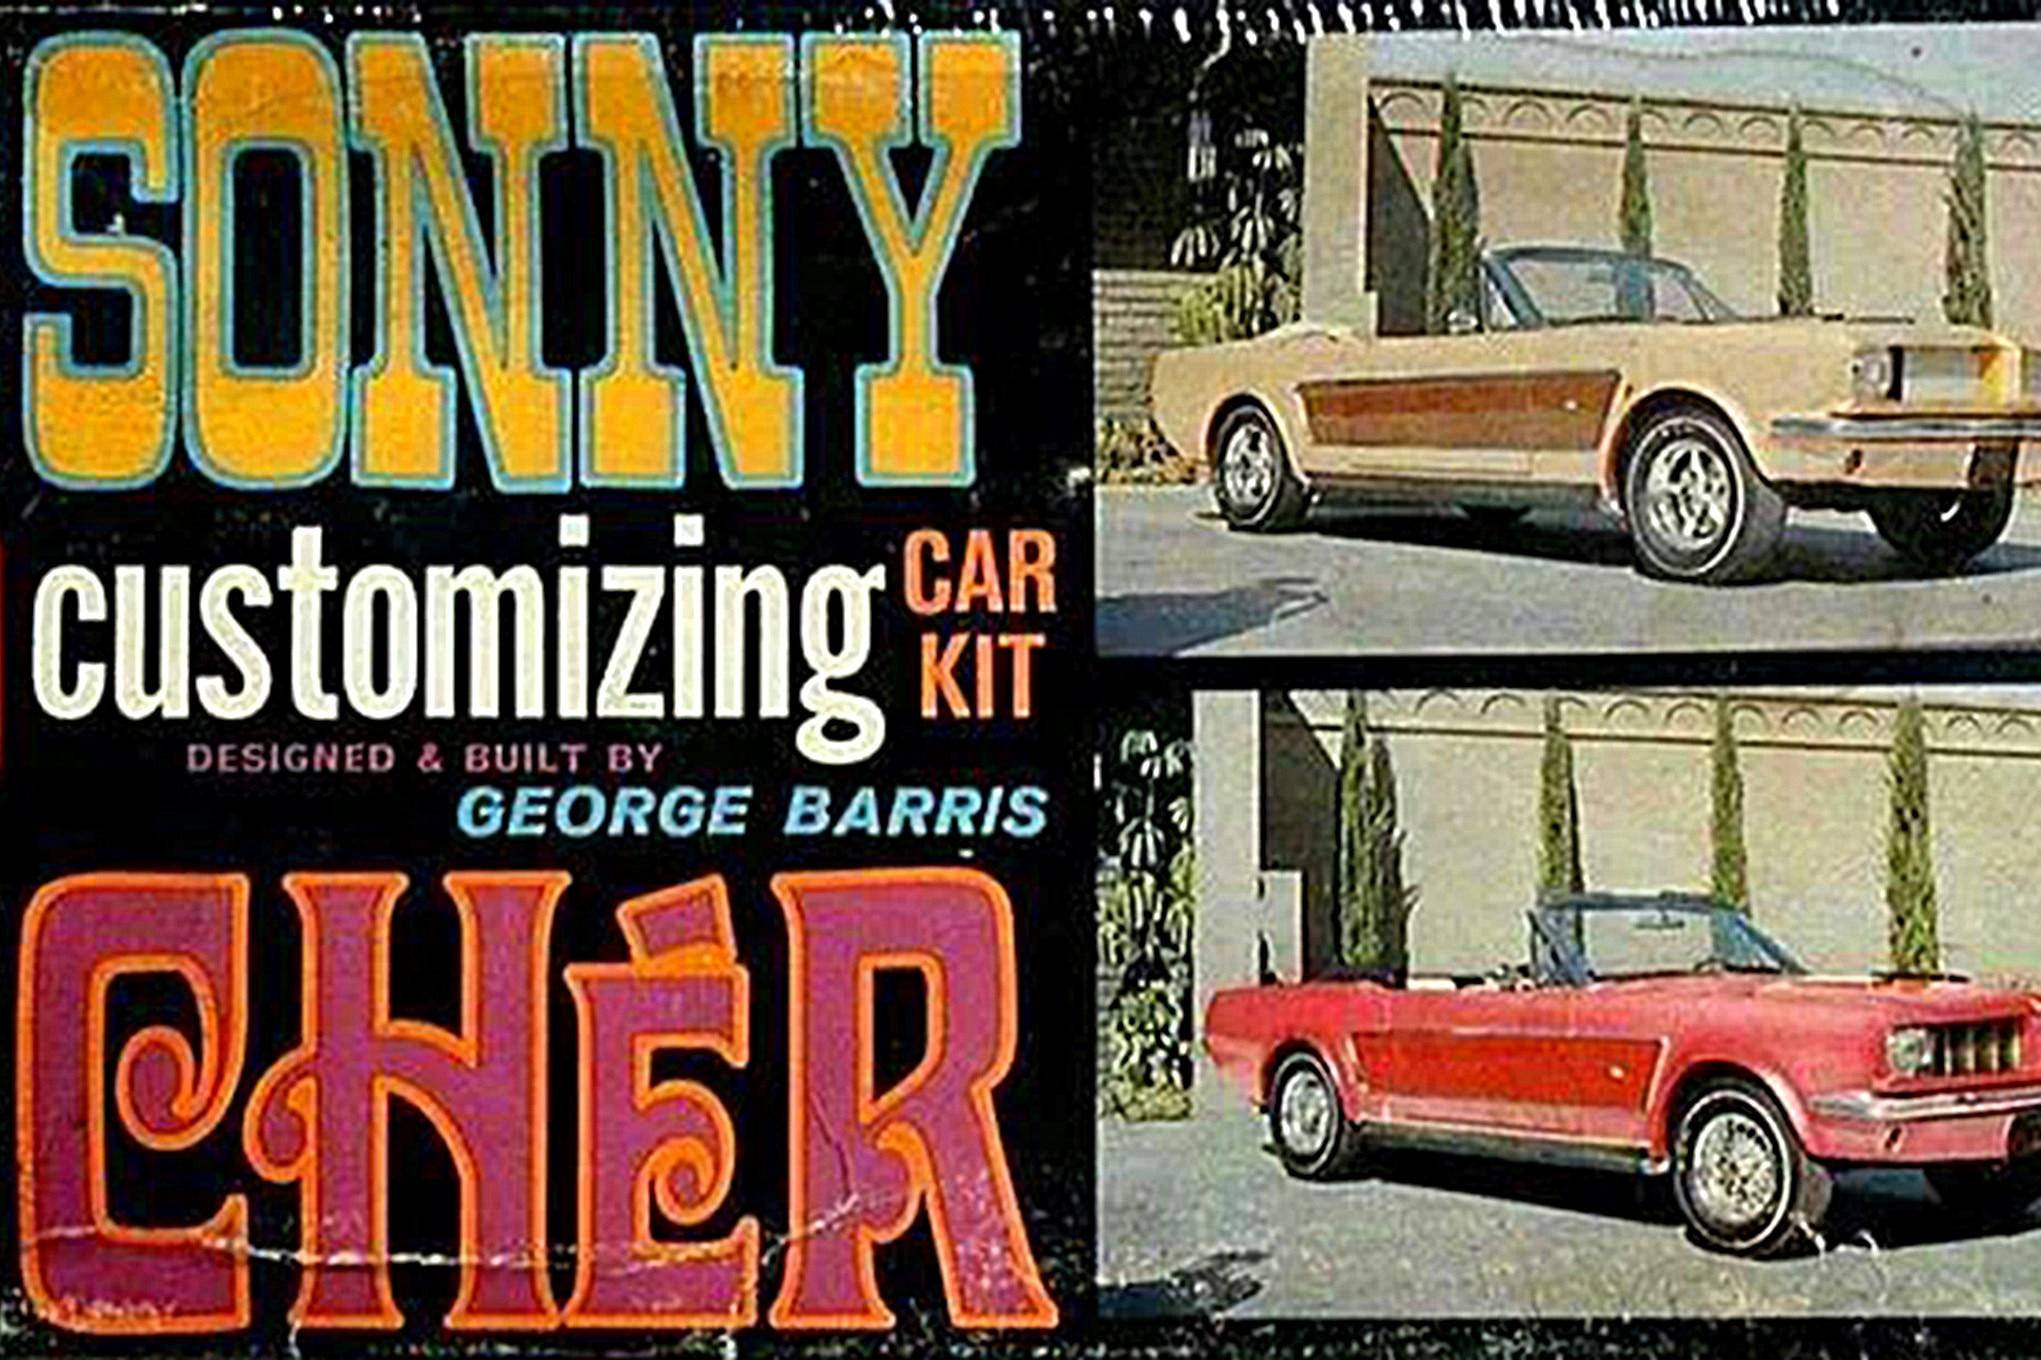 Sonny Cher Ford Mustang Custom Mustang Model Kit